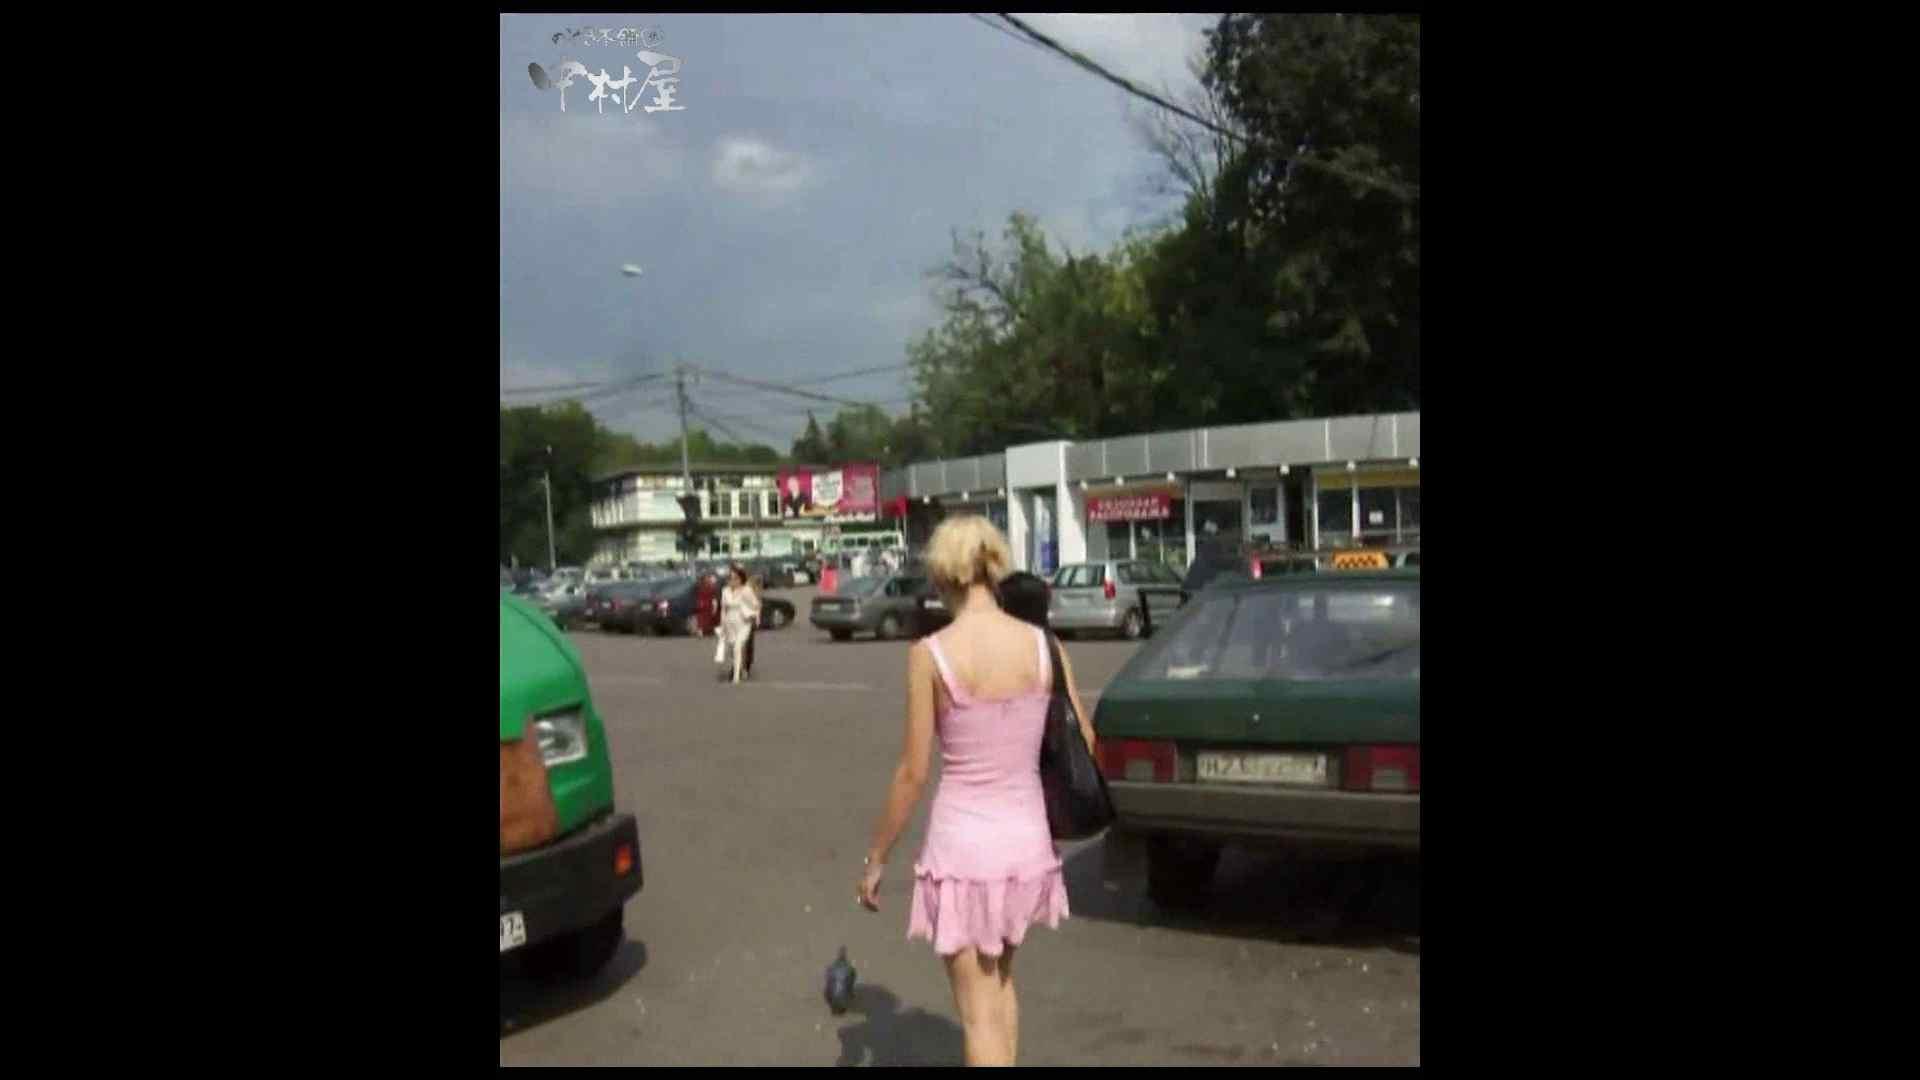 綺麗なモデルさんのスカート捲っちゃおう‼ vol14 お姉さんのエロ生活   OLのエロ生活  47連発 37